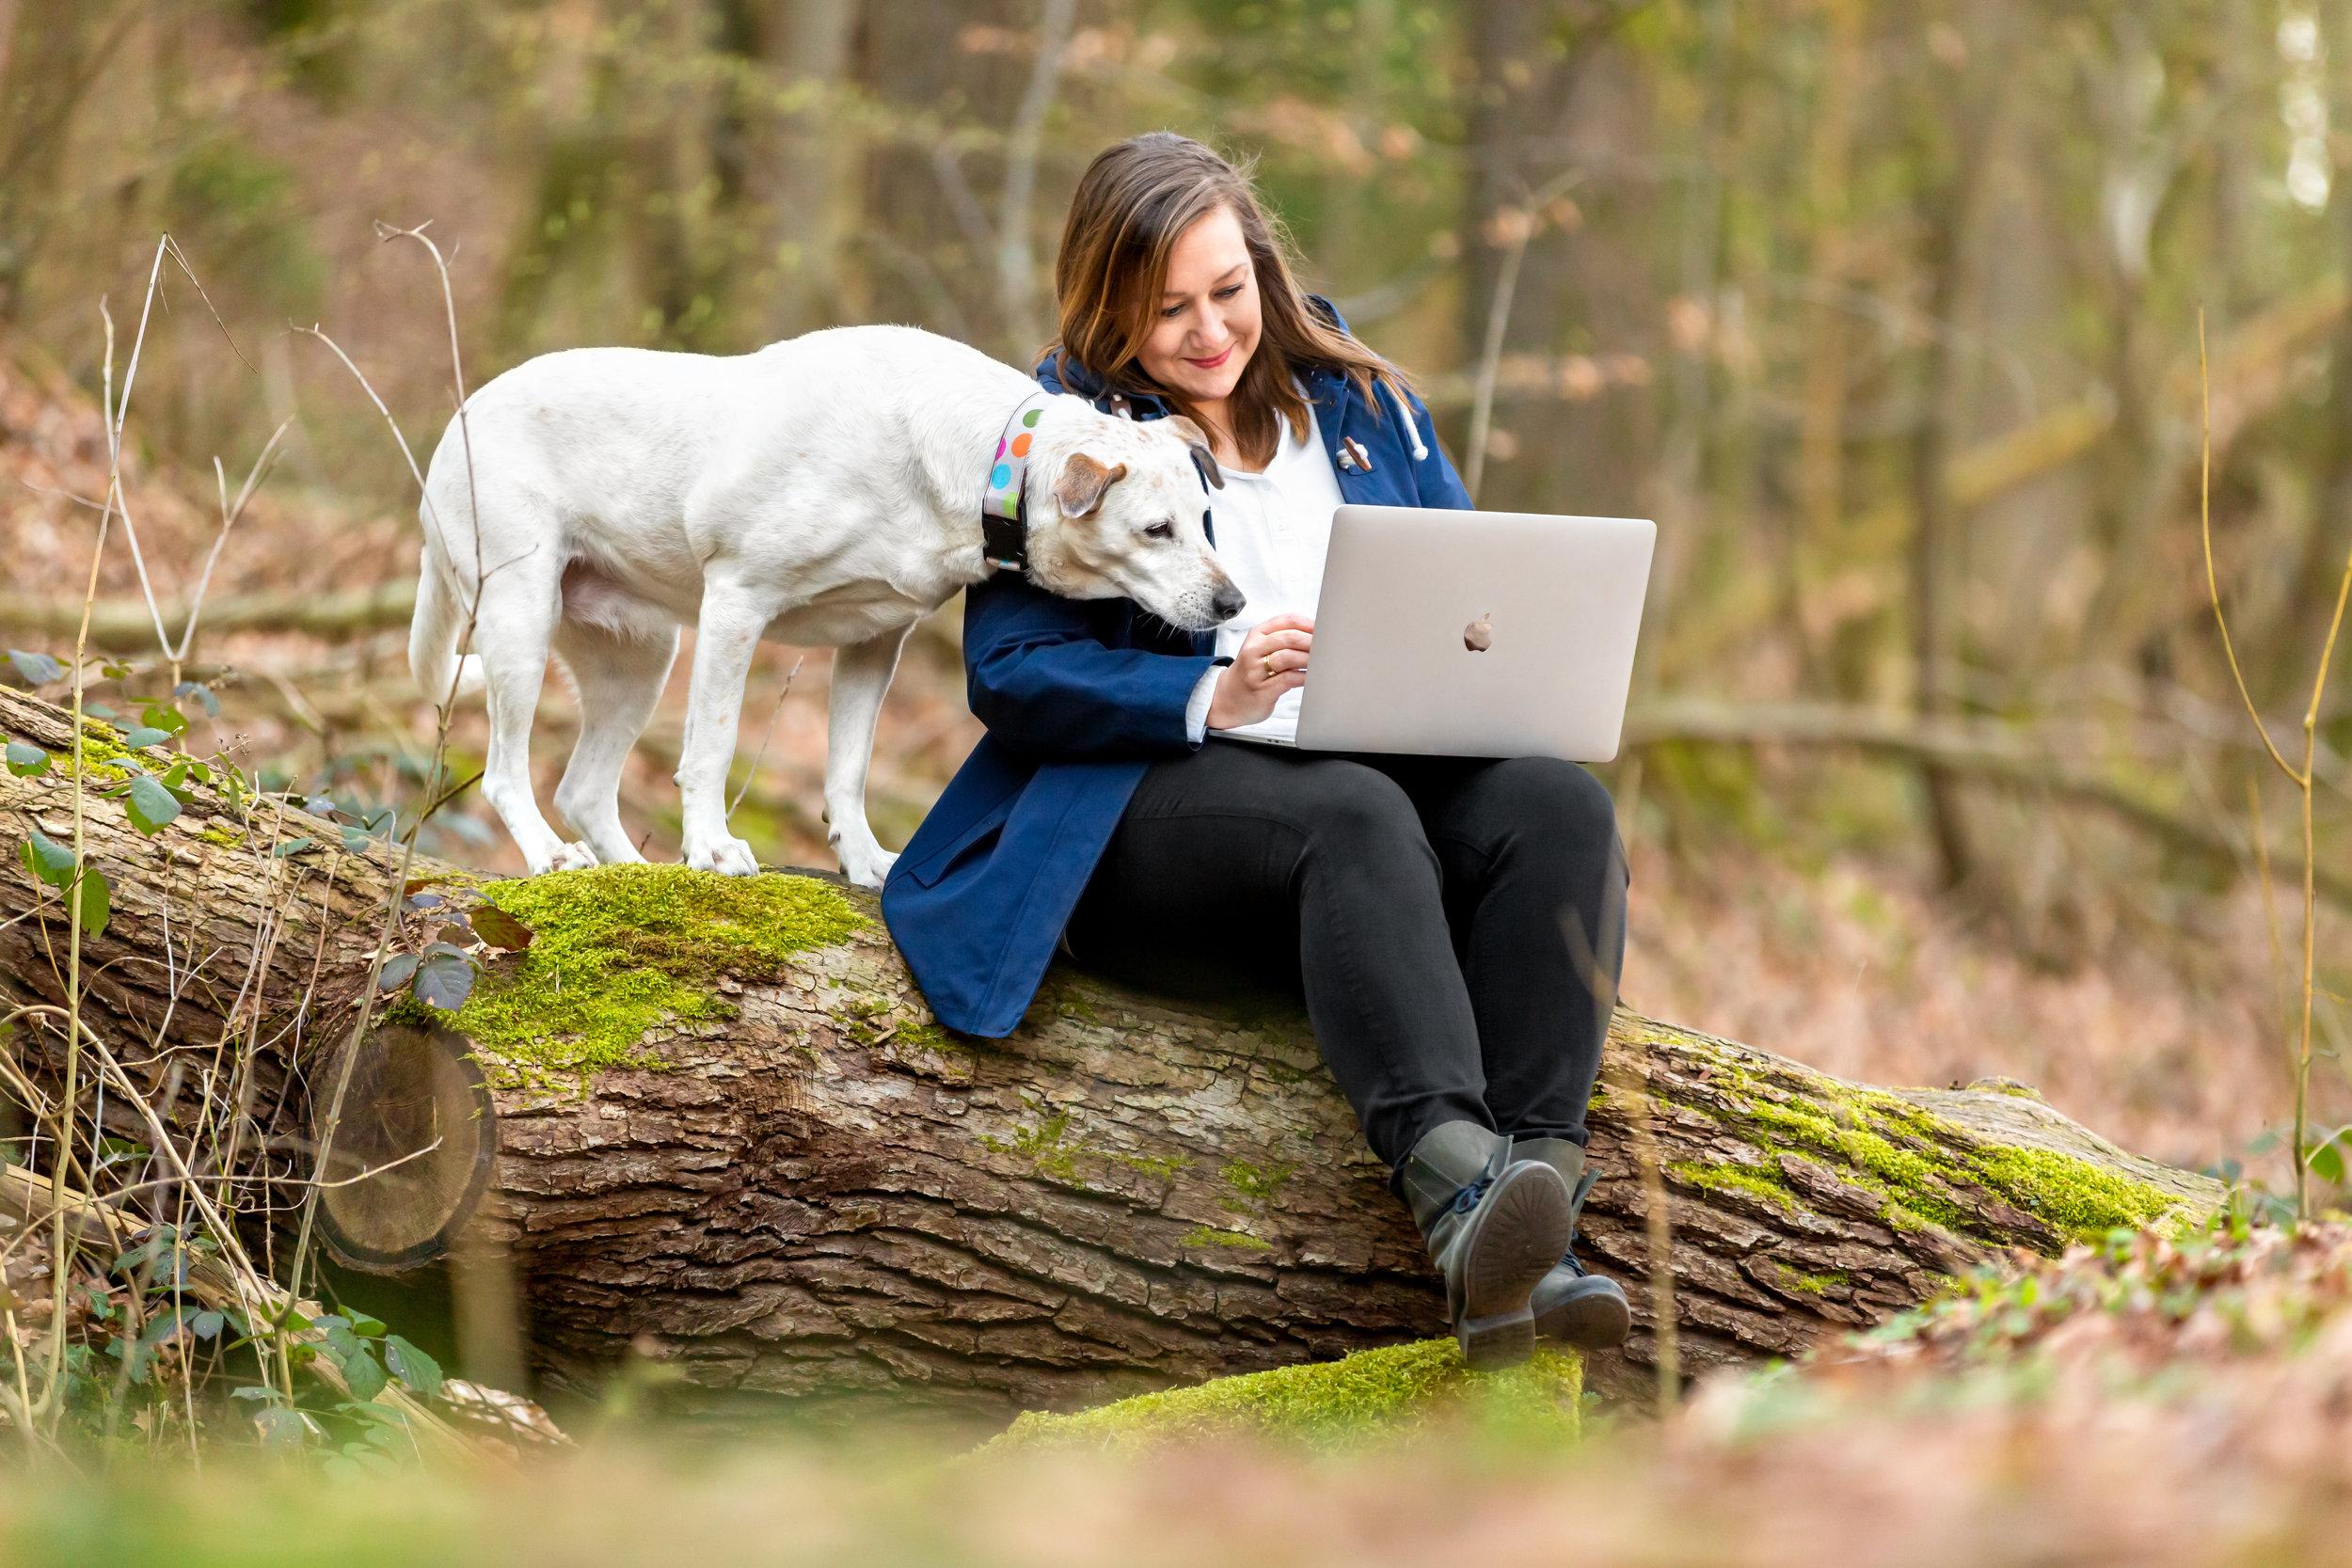 Stephanie Stratton, freie Texterin von Wordabout. Ich schreibe lebendige Texte für deine Online- und Printmedien, Email-Marketing und Newsletter, Werbebriefe, Landingpages, Verkaufstexte, Produktbeschreibungen, Kategorietexte und Blogartikel.